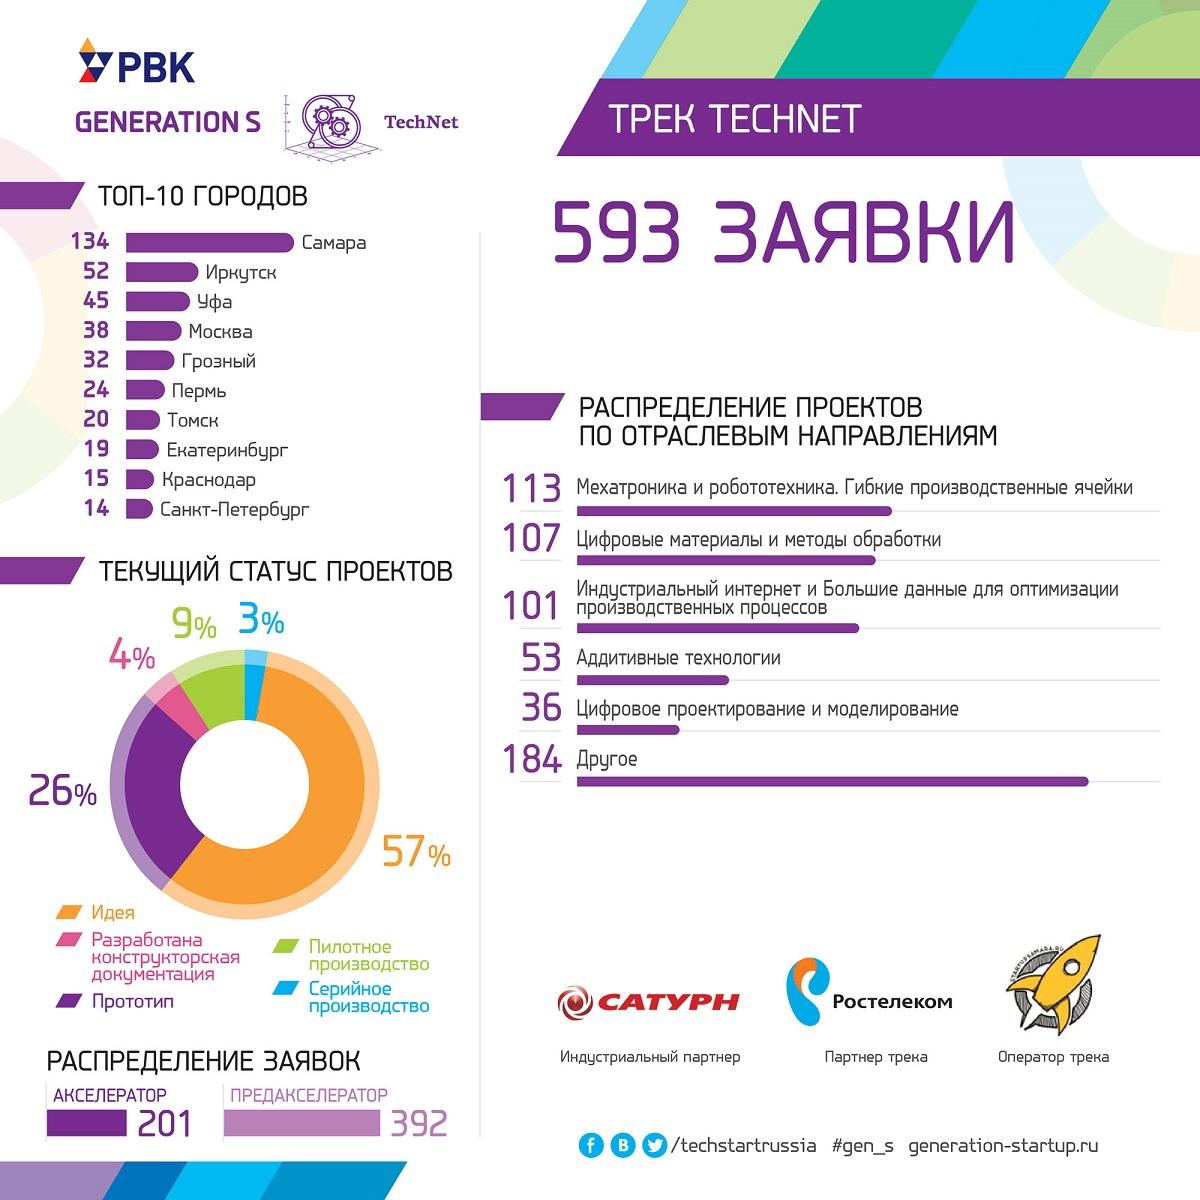 Результаты сбора заявок по треку TechNet